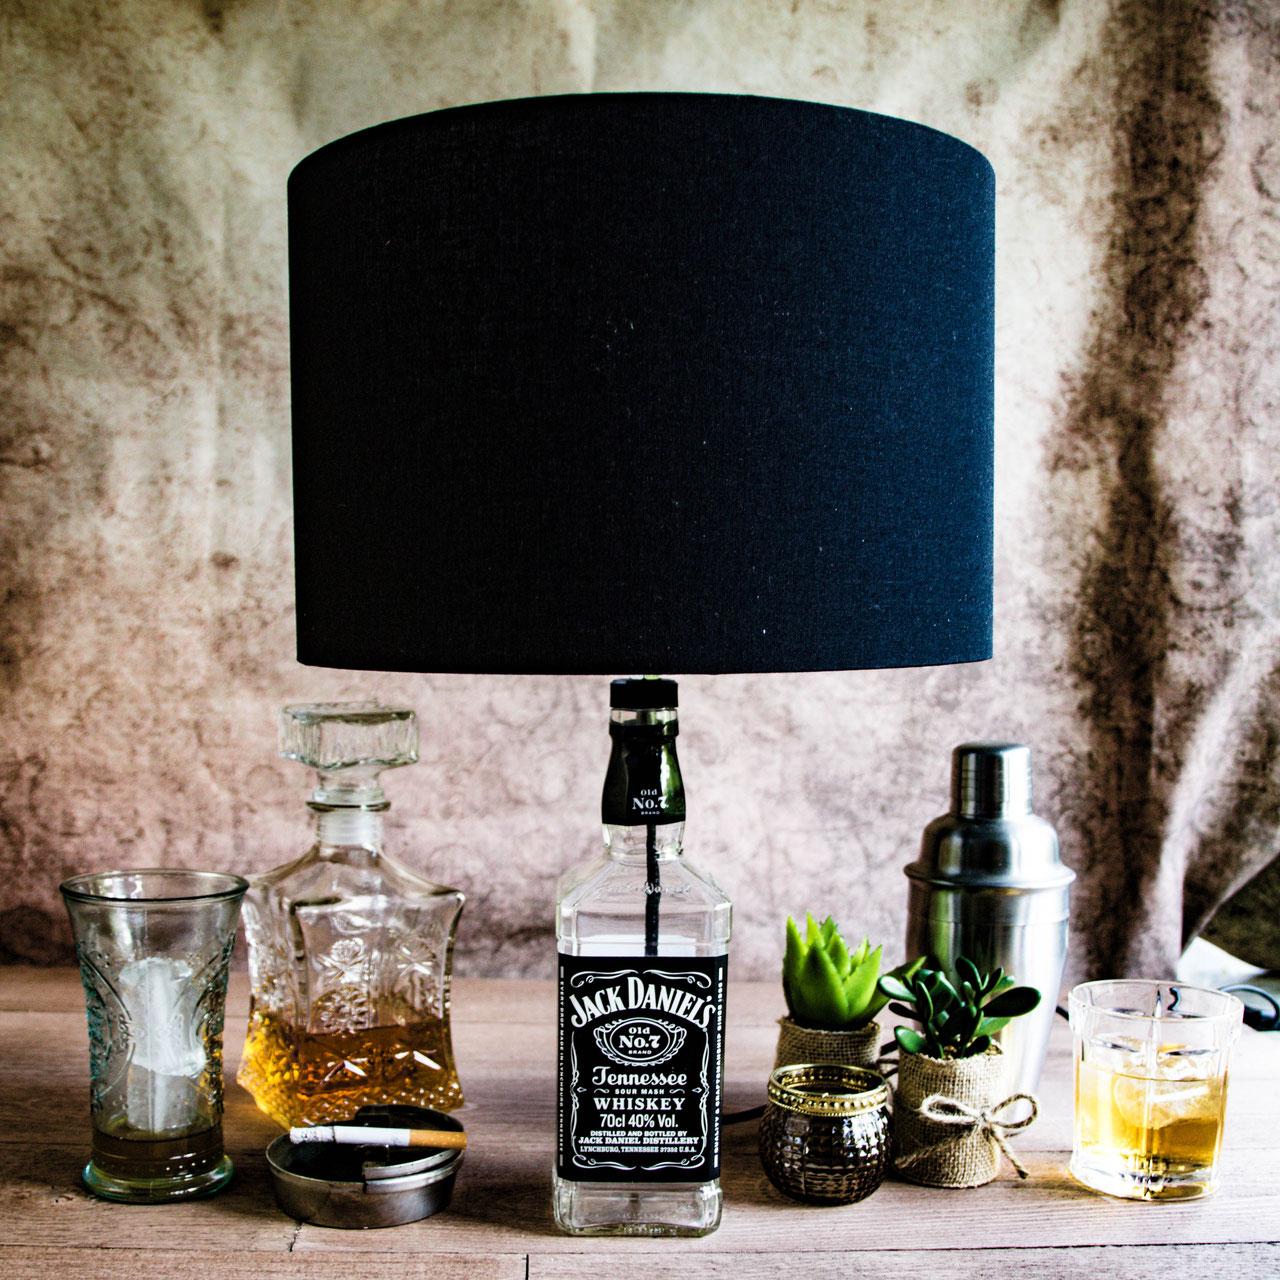 Flaschenlampen Flaschenlampen Whiskey Flaschenlampen Flaschenlampen Whiskey Flaschenlampen Whiskey Whiskey Whiskey Whiskey Flaschenlampen Whiskey TFK1lJc3